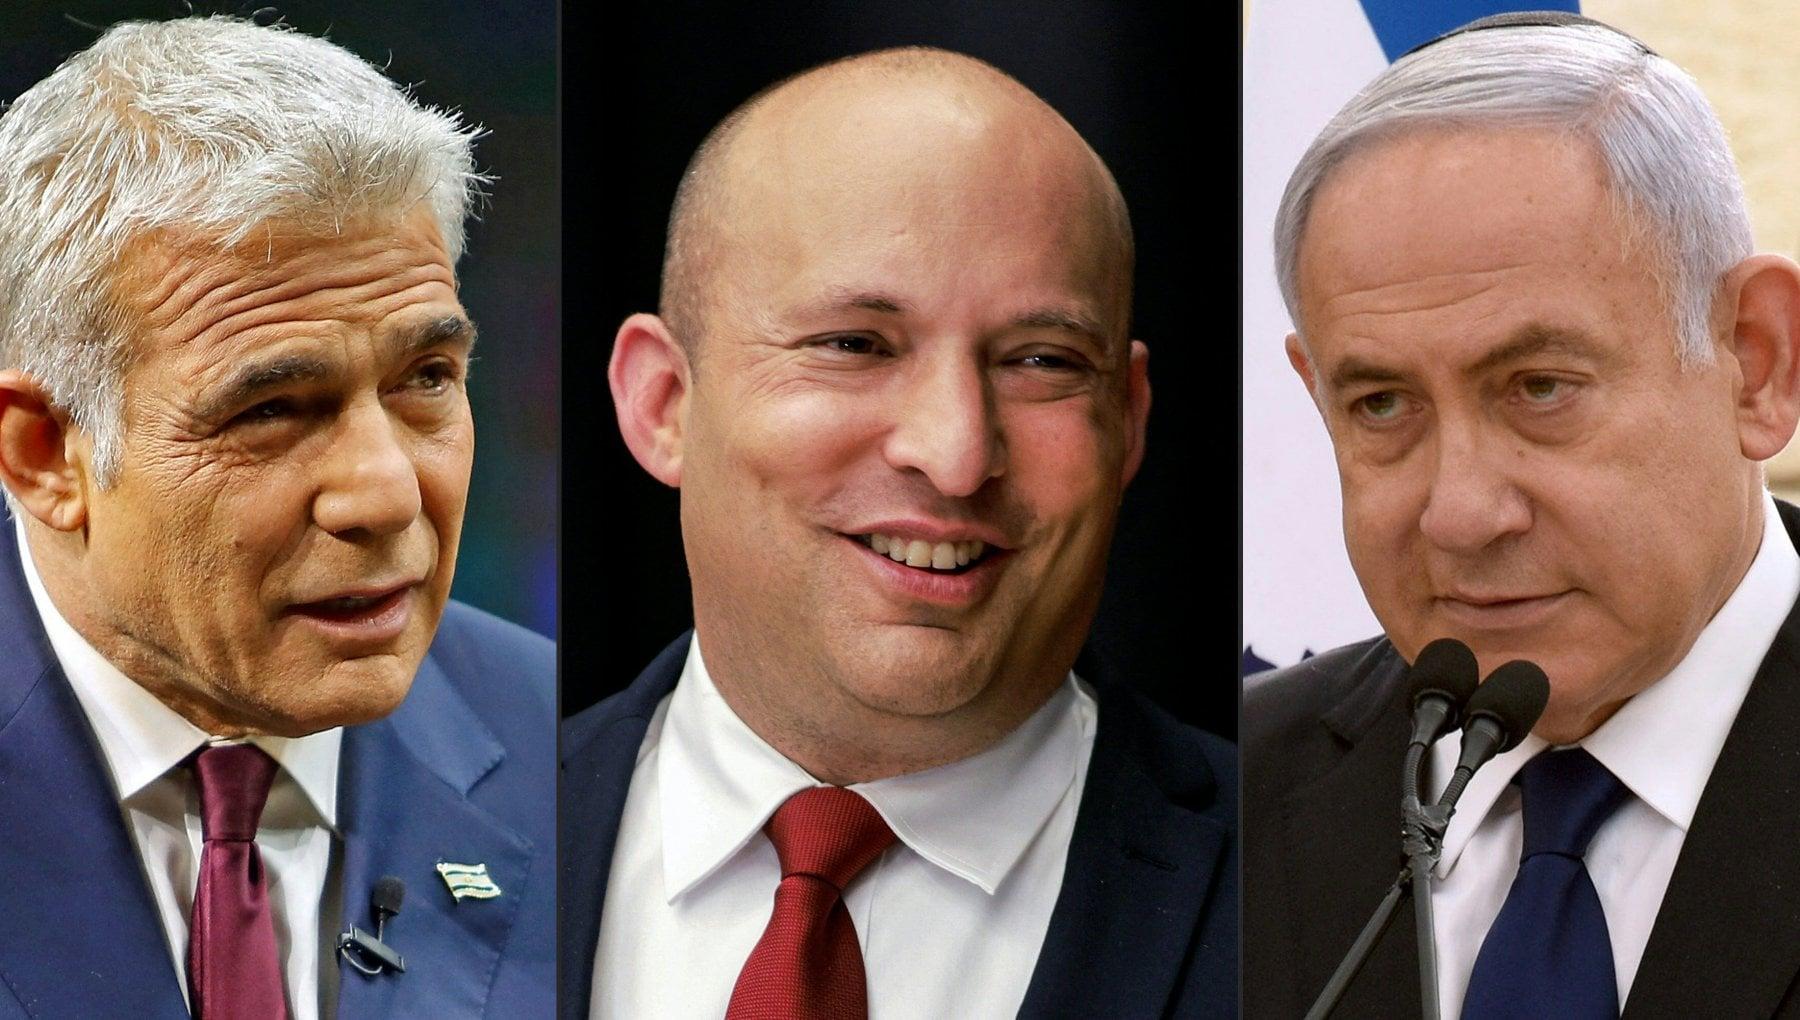 102557887 b96824c7 0b05 4580 881a 8222e6a9d50f - Israele verso la Grande coalizione anti-Netanyahu